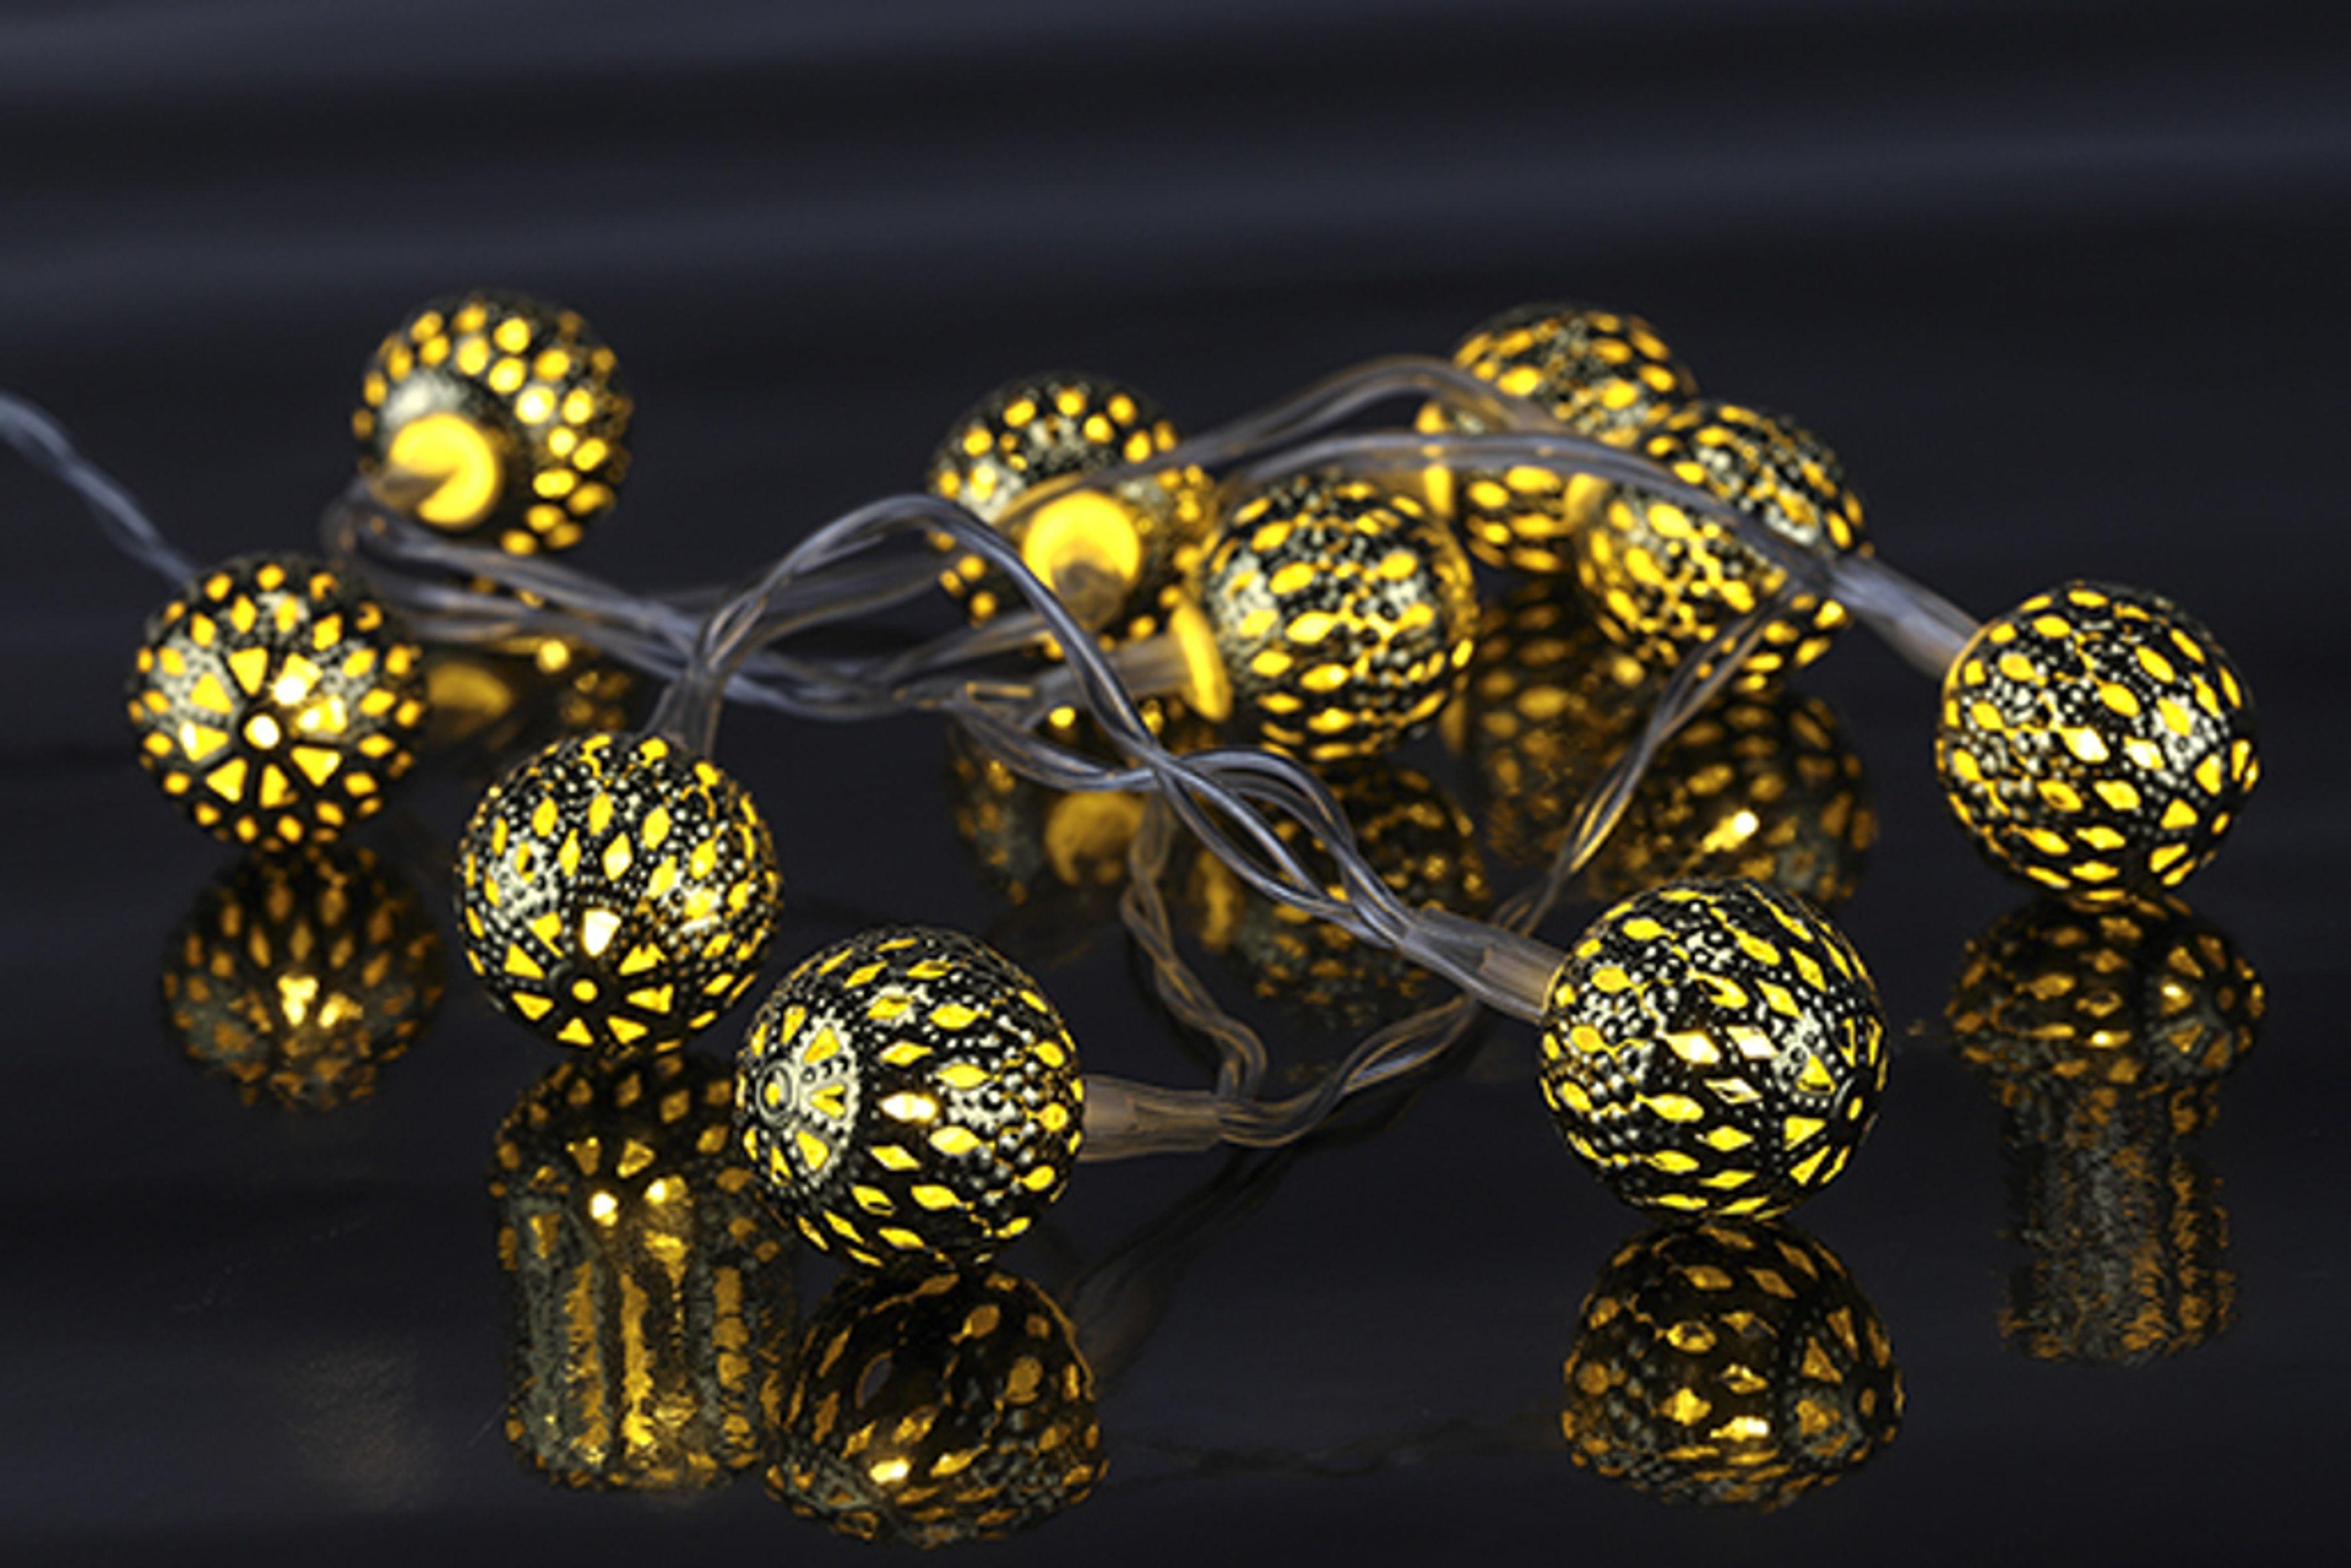 Led Lichterkette Weihnachten.Led Lichterkette Weihnachtsdeko Weihnachten Beleuchtung Mit Silbernen Dekobällen